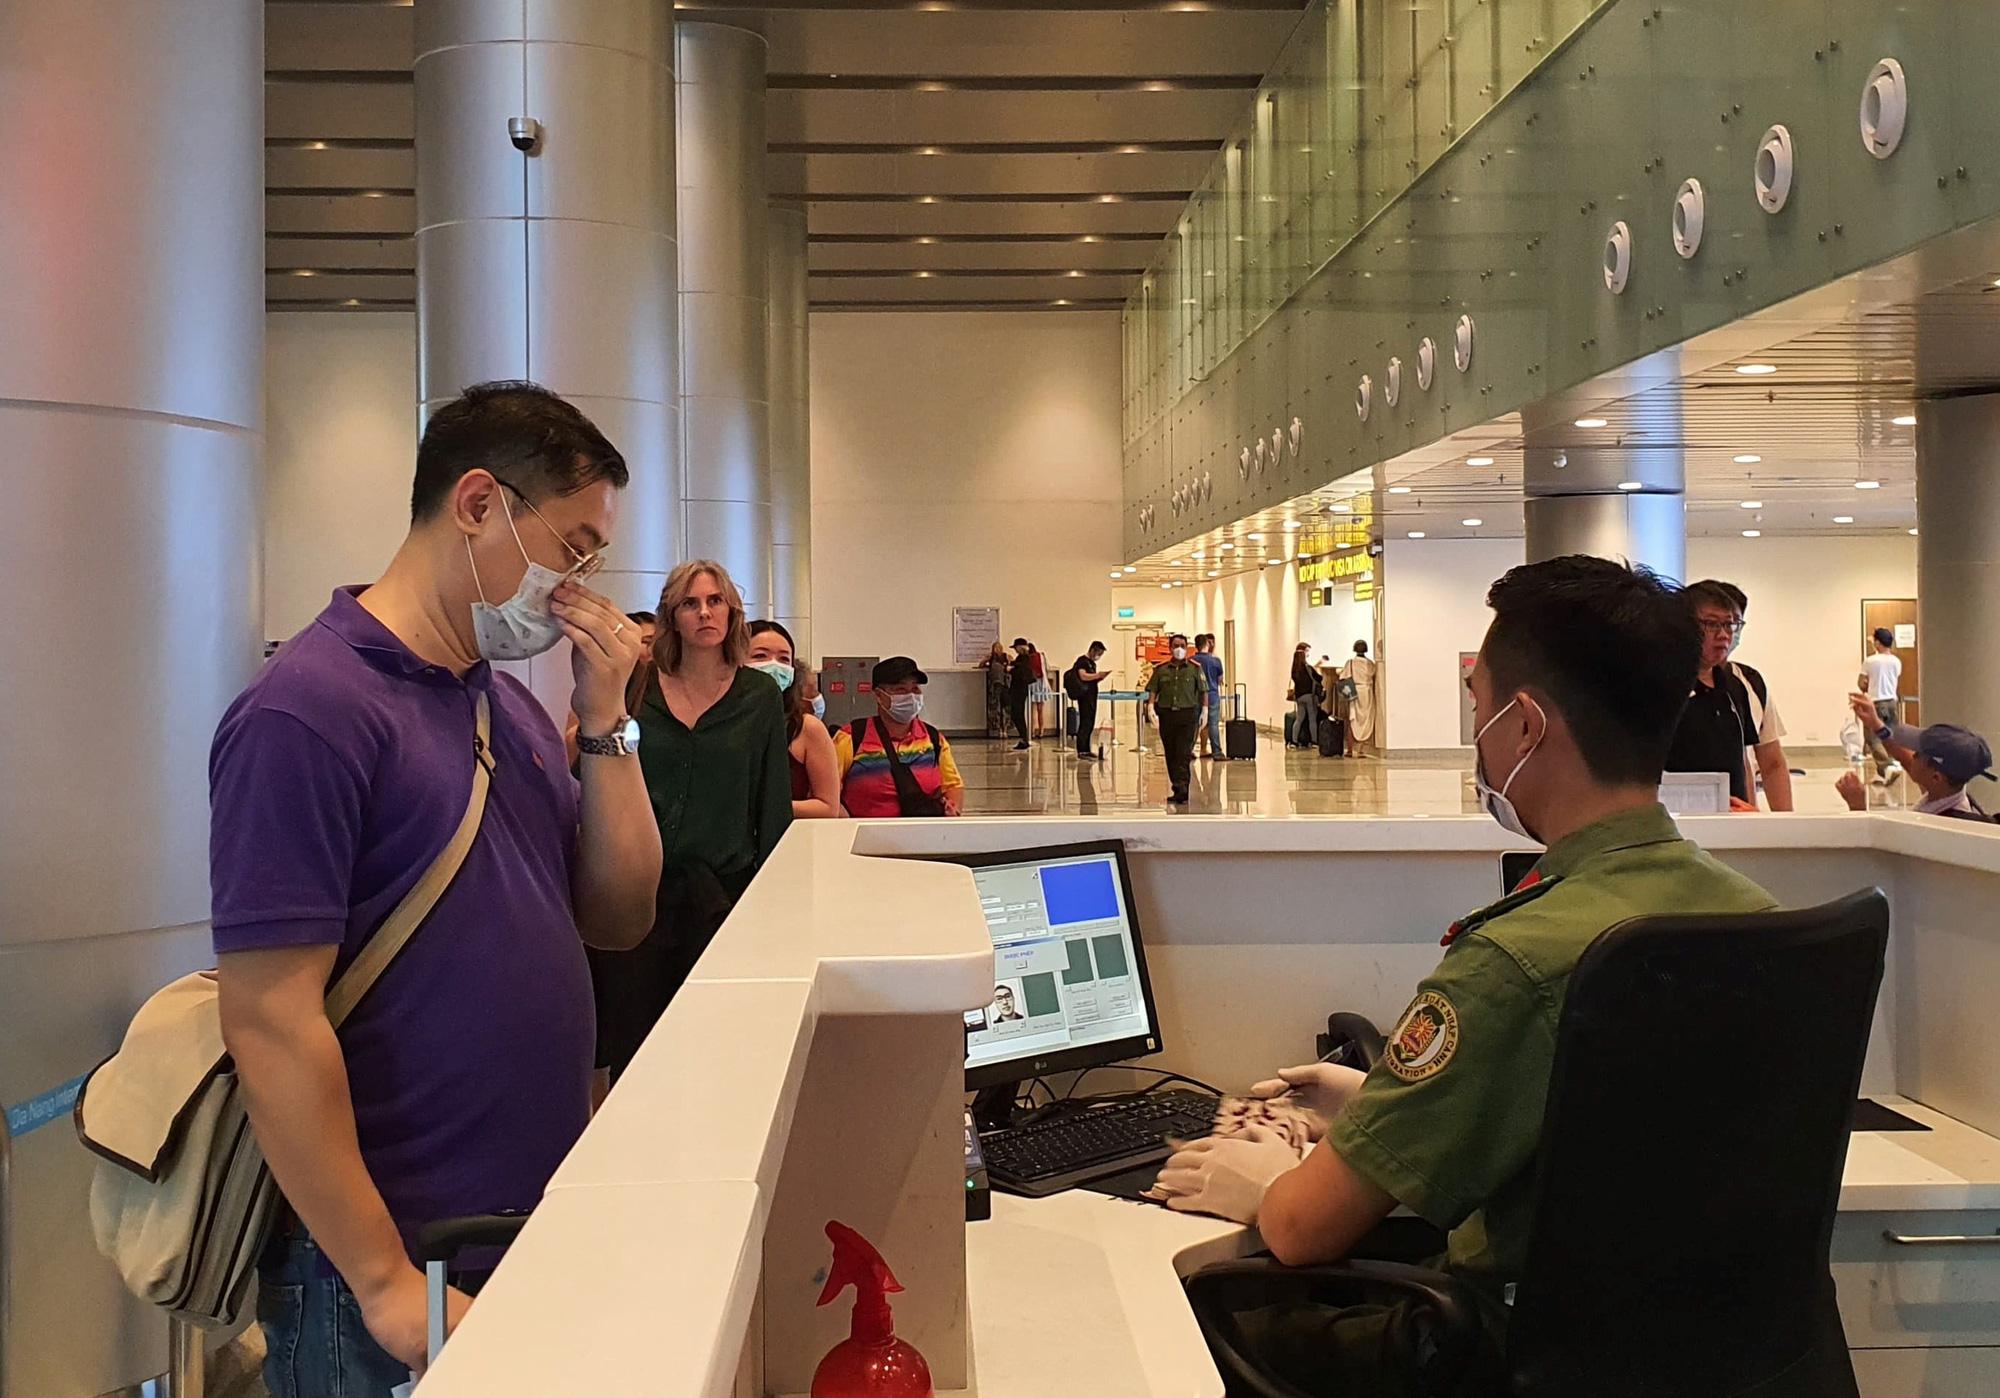 Hàng trăm người hủy chuyến bay từ Hà Nội, TP.HCM đến Đà Nẵng vì sợ bị cách ly - Ảnh 1.